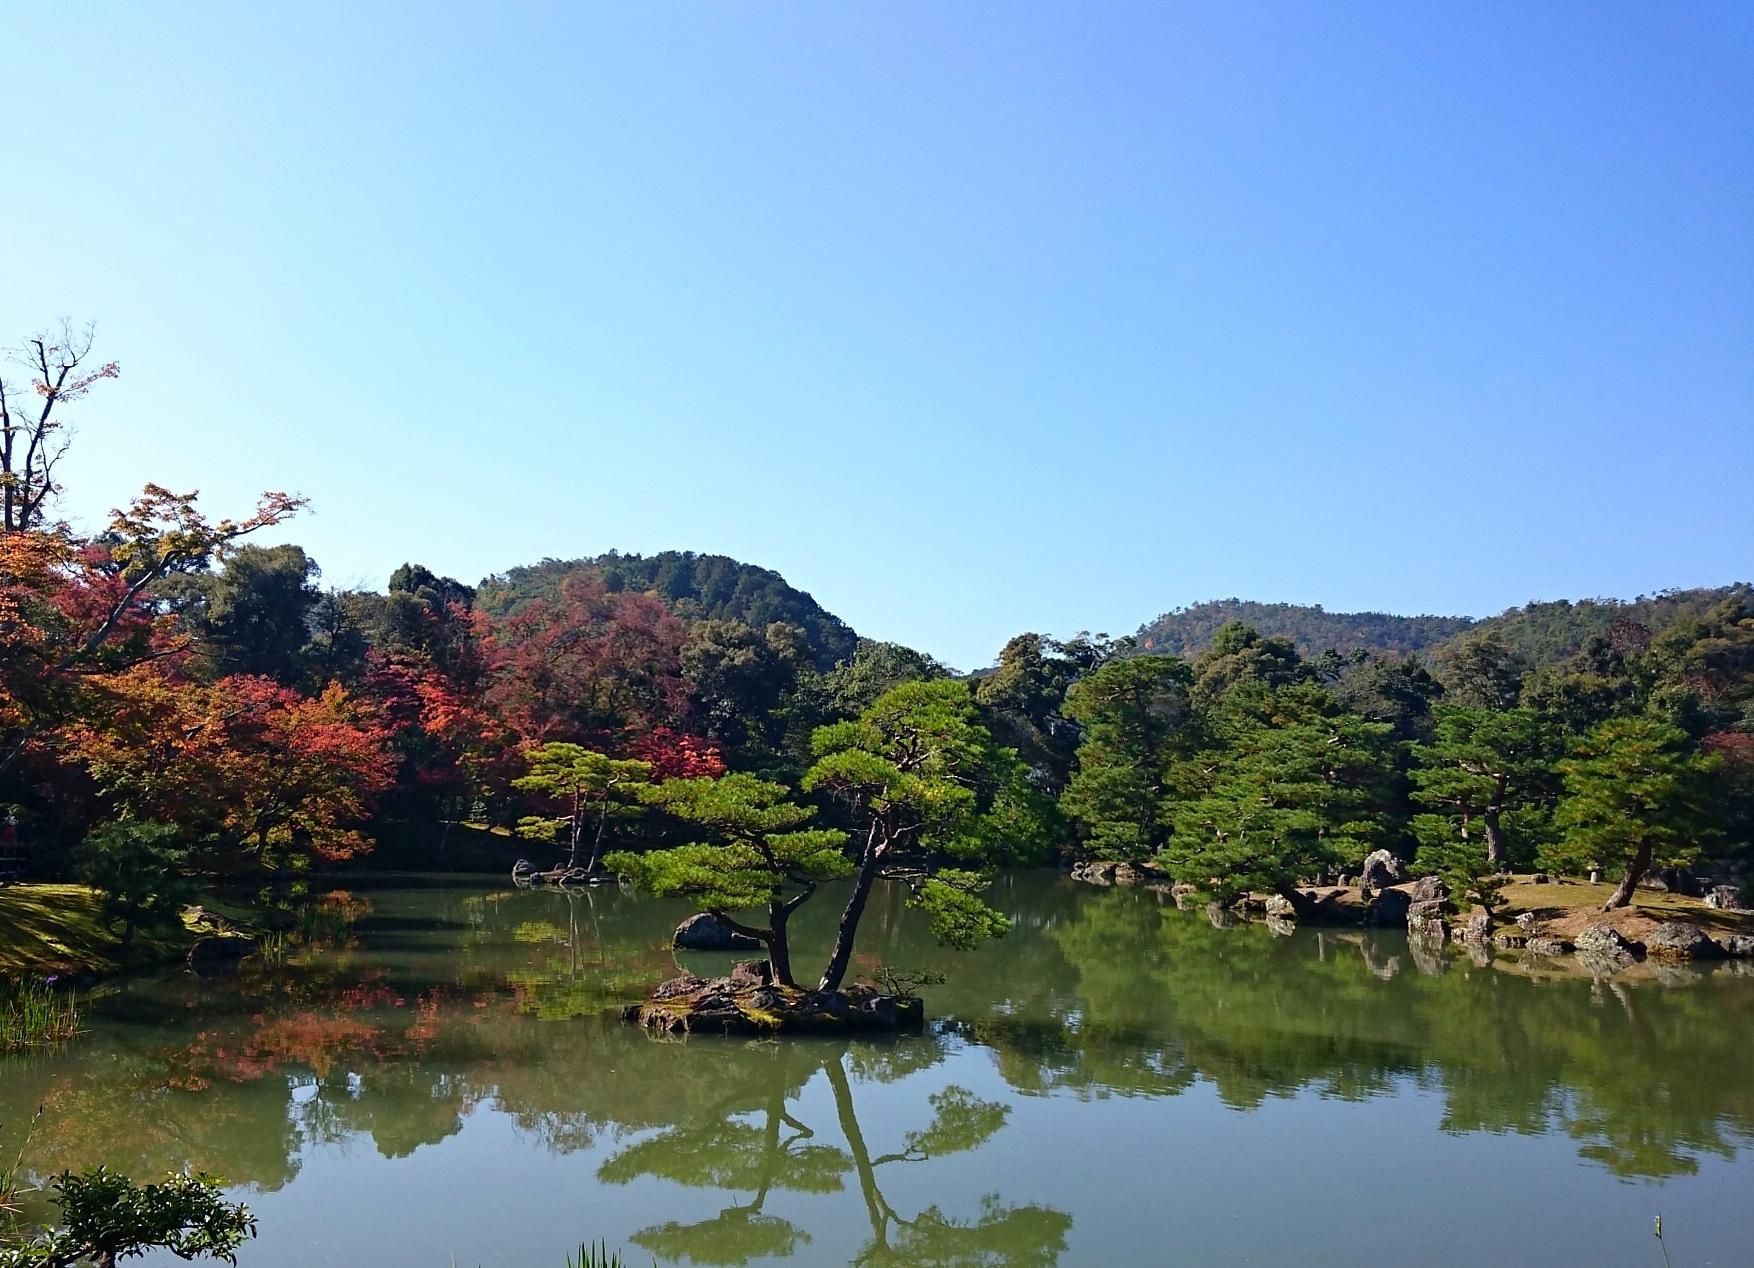 金閣寺鏡湖池(きょうこち)の葦原島(あしはらじま)